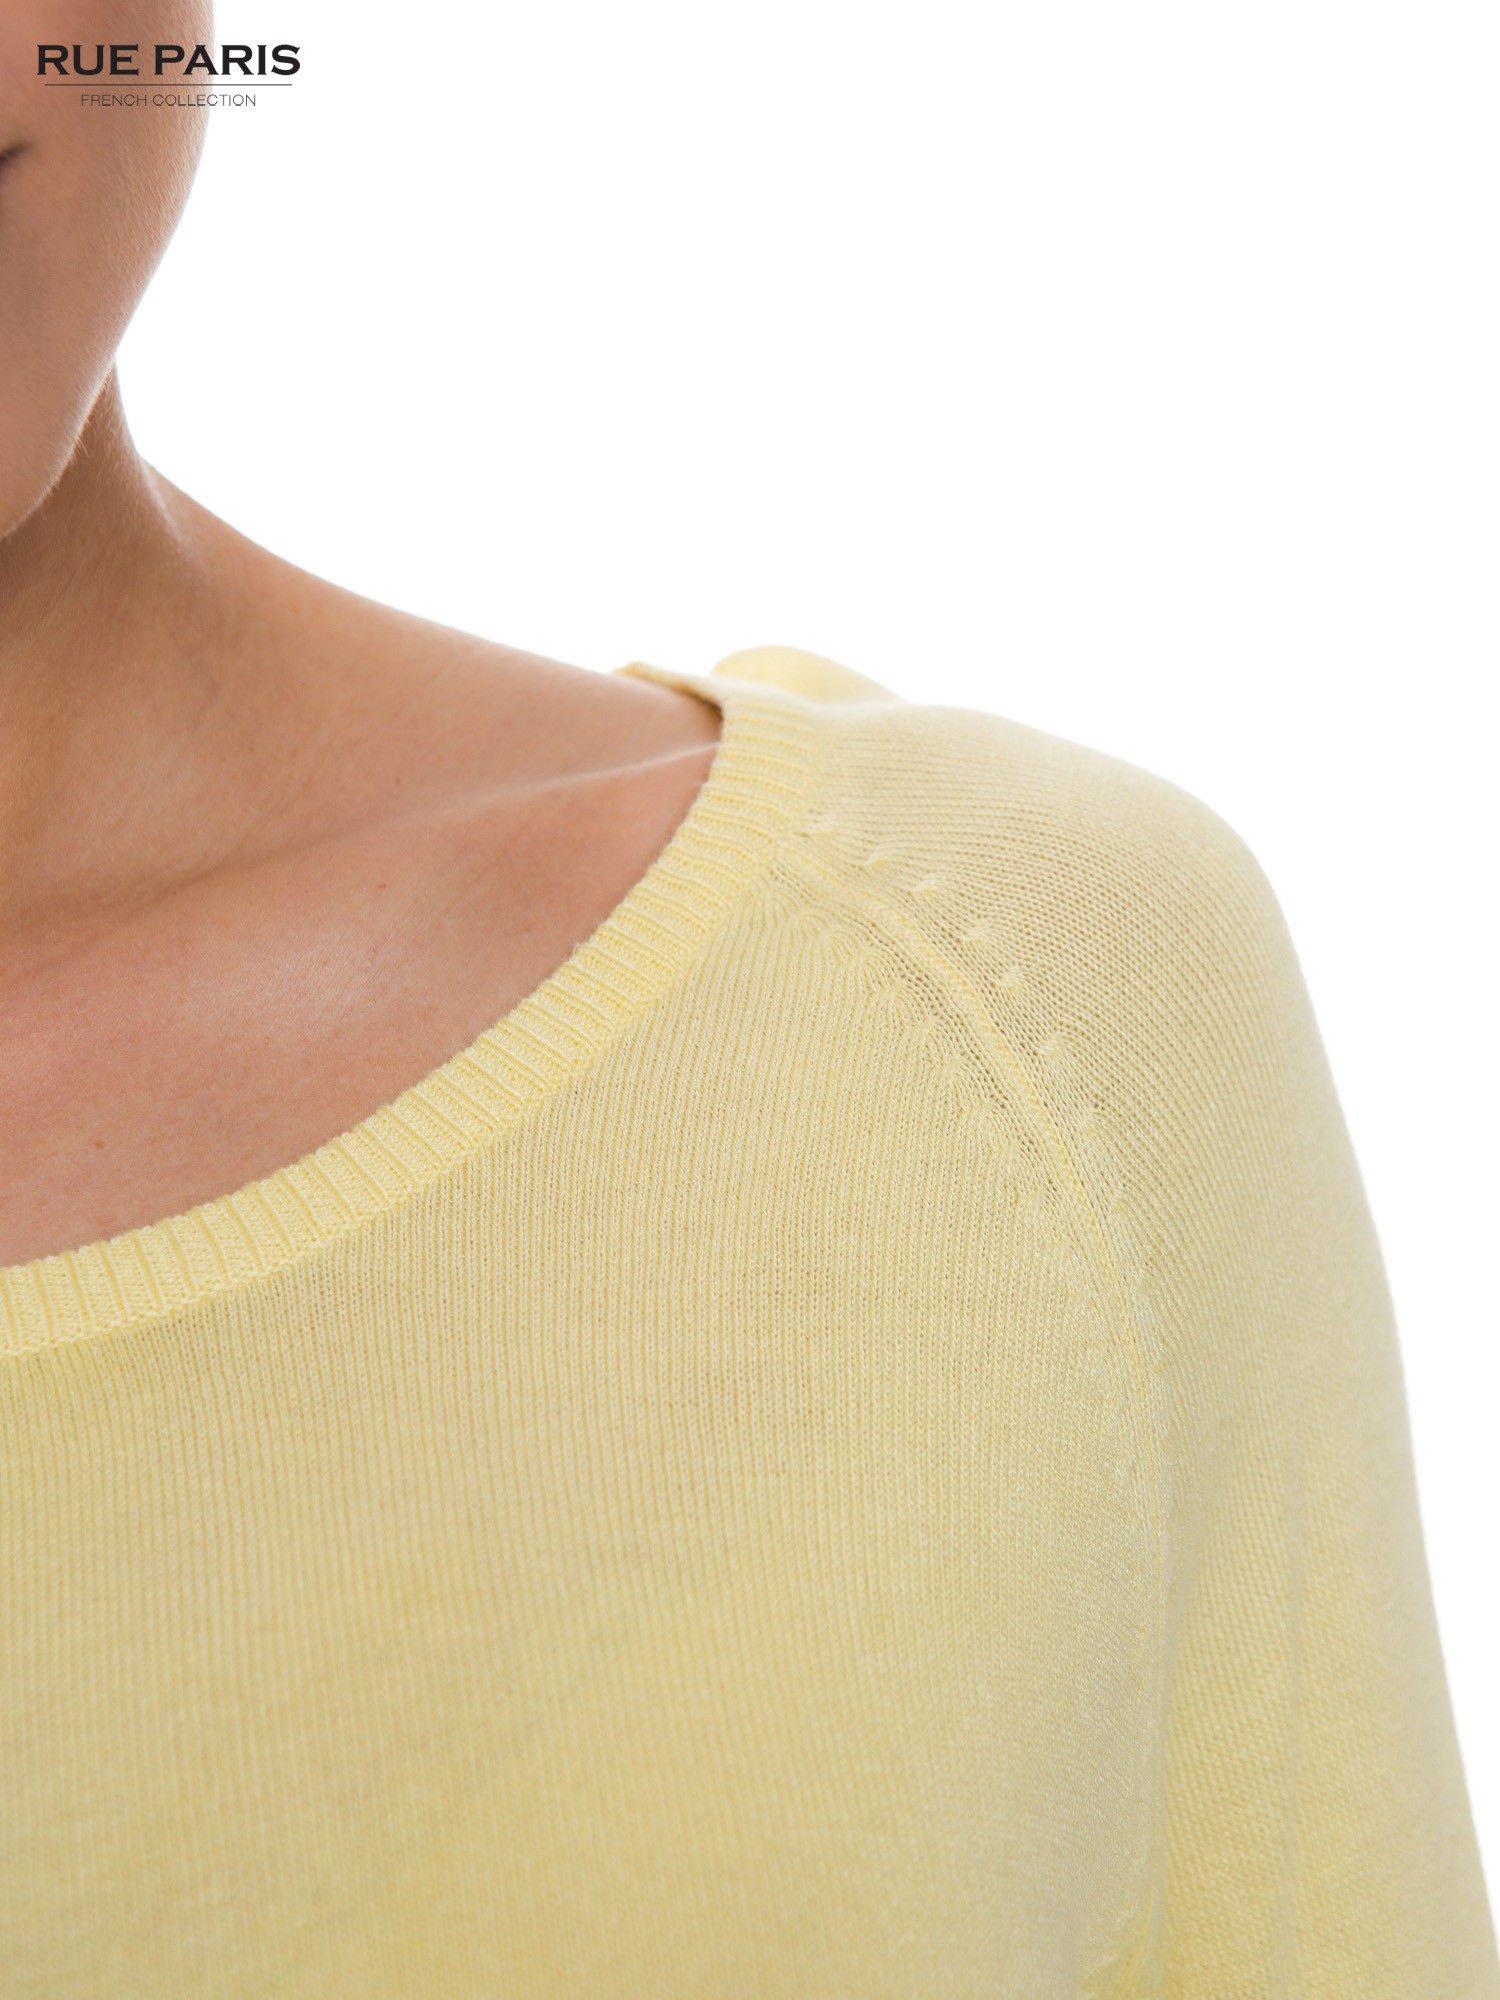 Pastelowożółty sweter z długim rękawem wykończonym koronkowym mankietem                                  zdj.                                  4